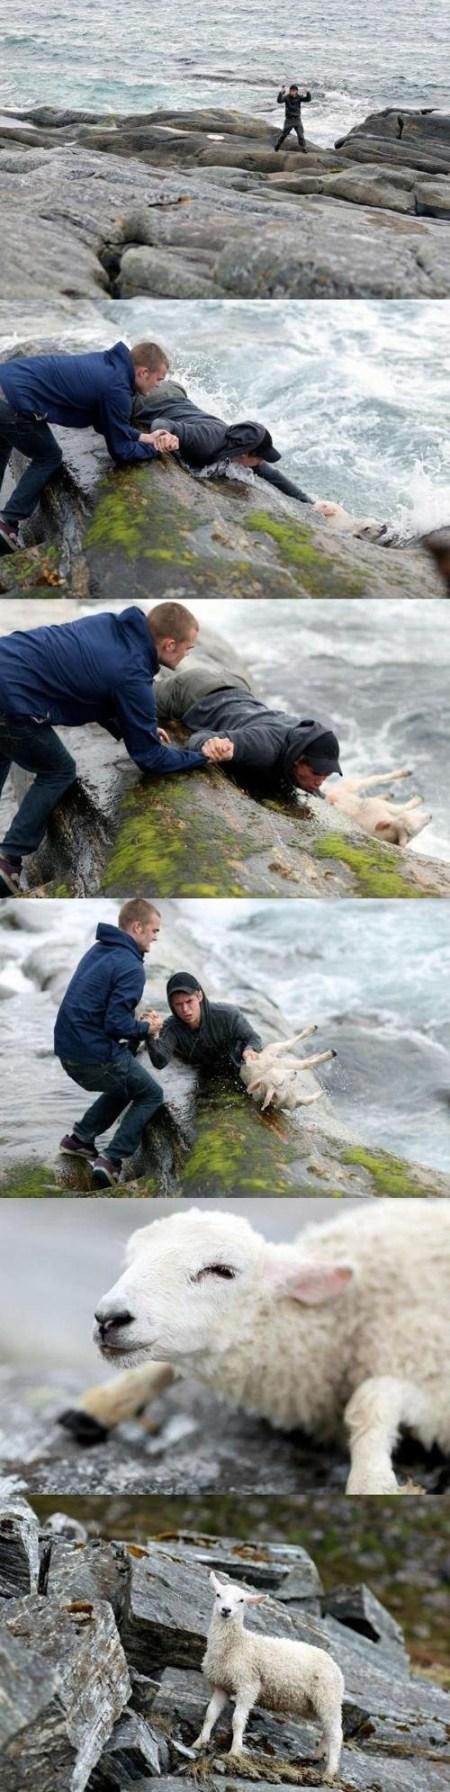 sheep rescu